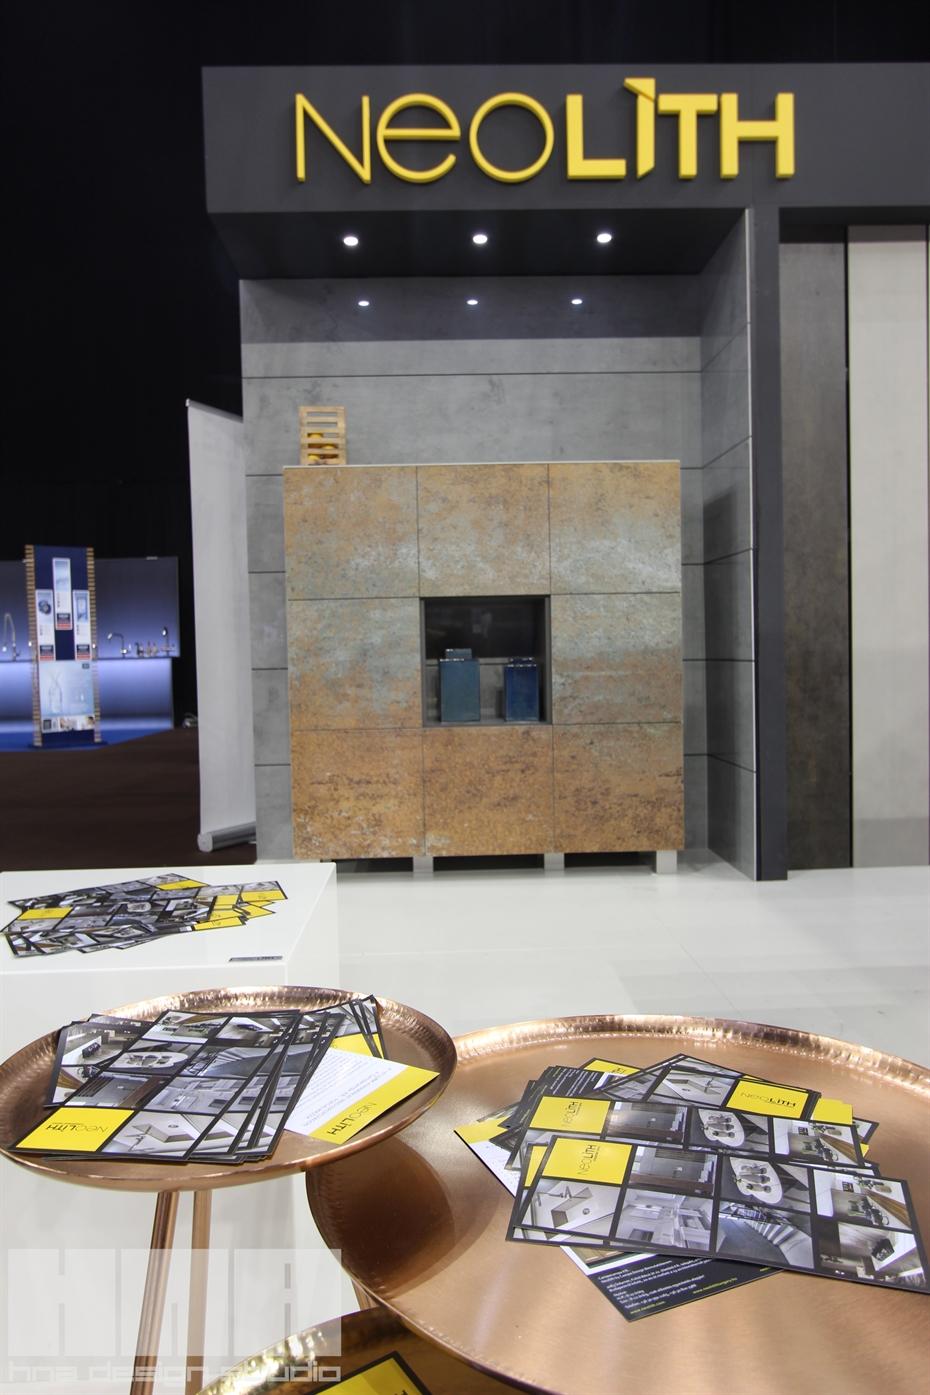 hna design konyhakiallitas 2017 9